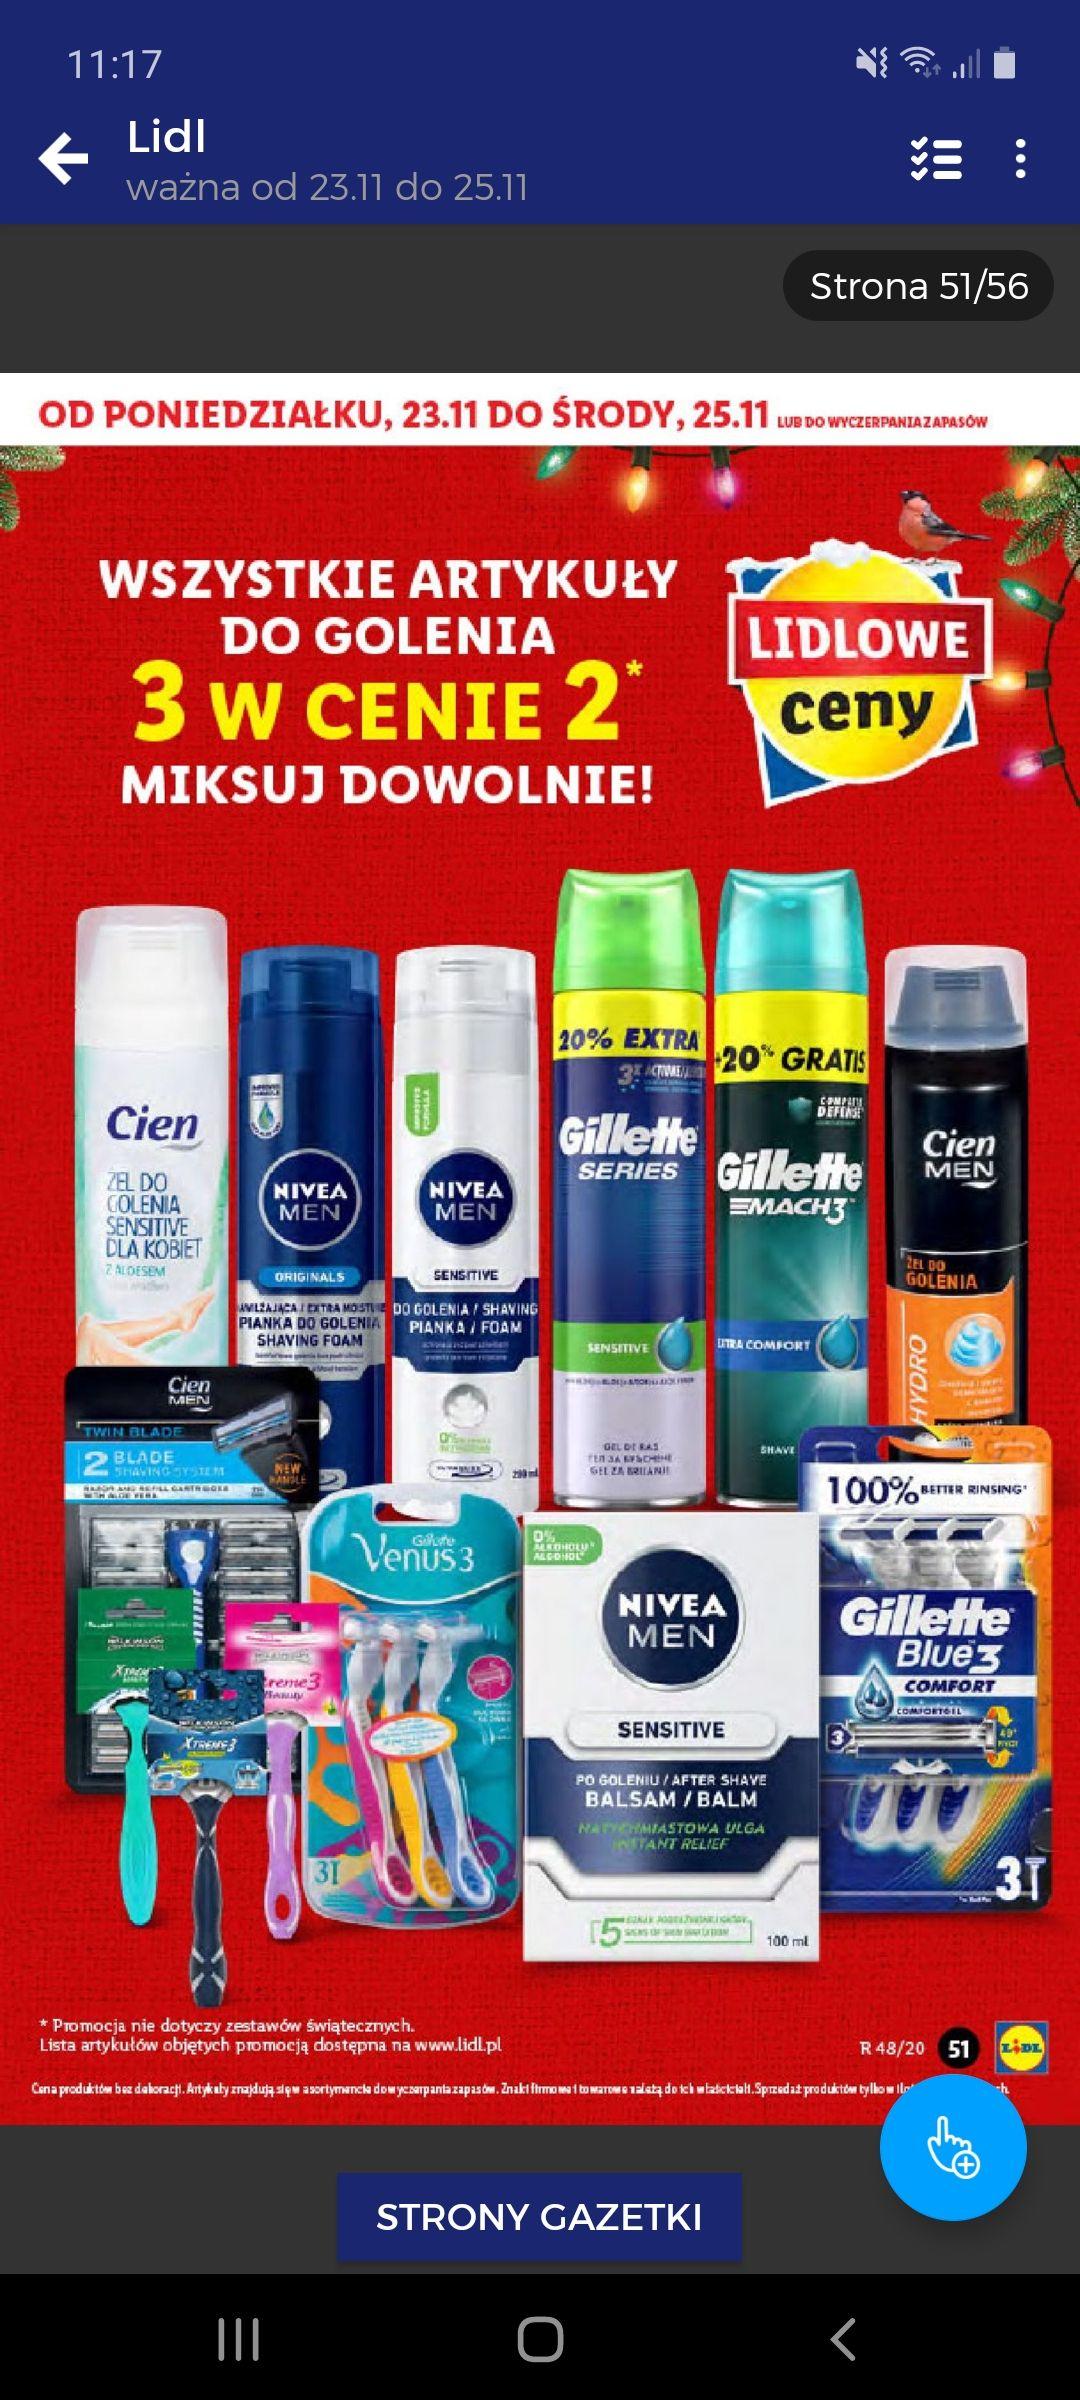 Artykuły do golenia 3 w cenie 2 w Lidlu